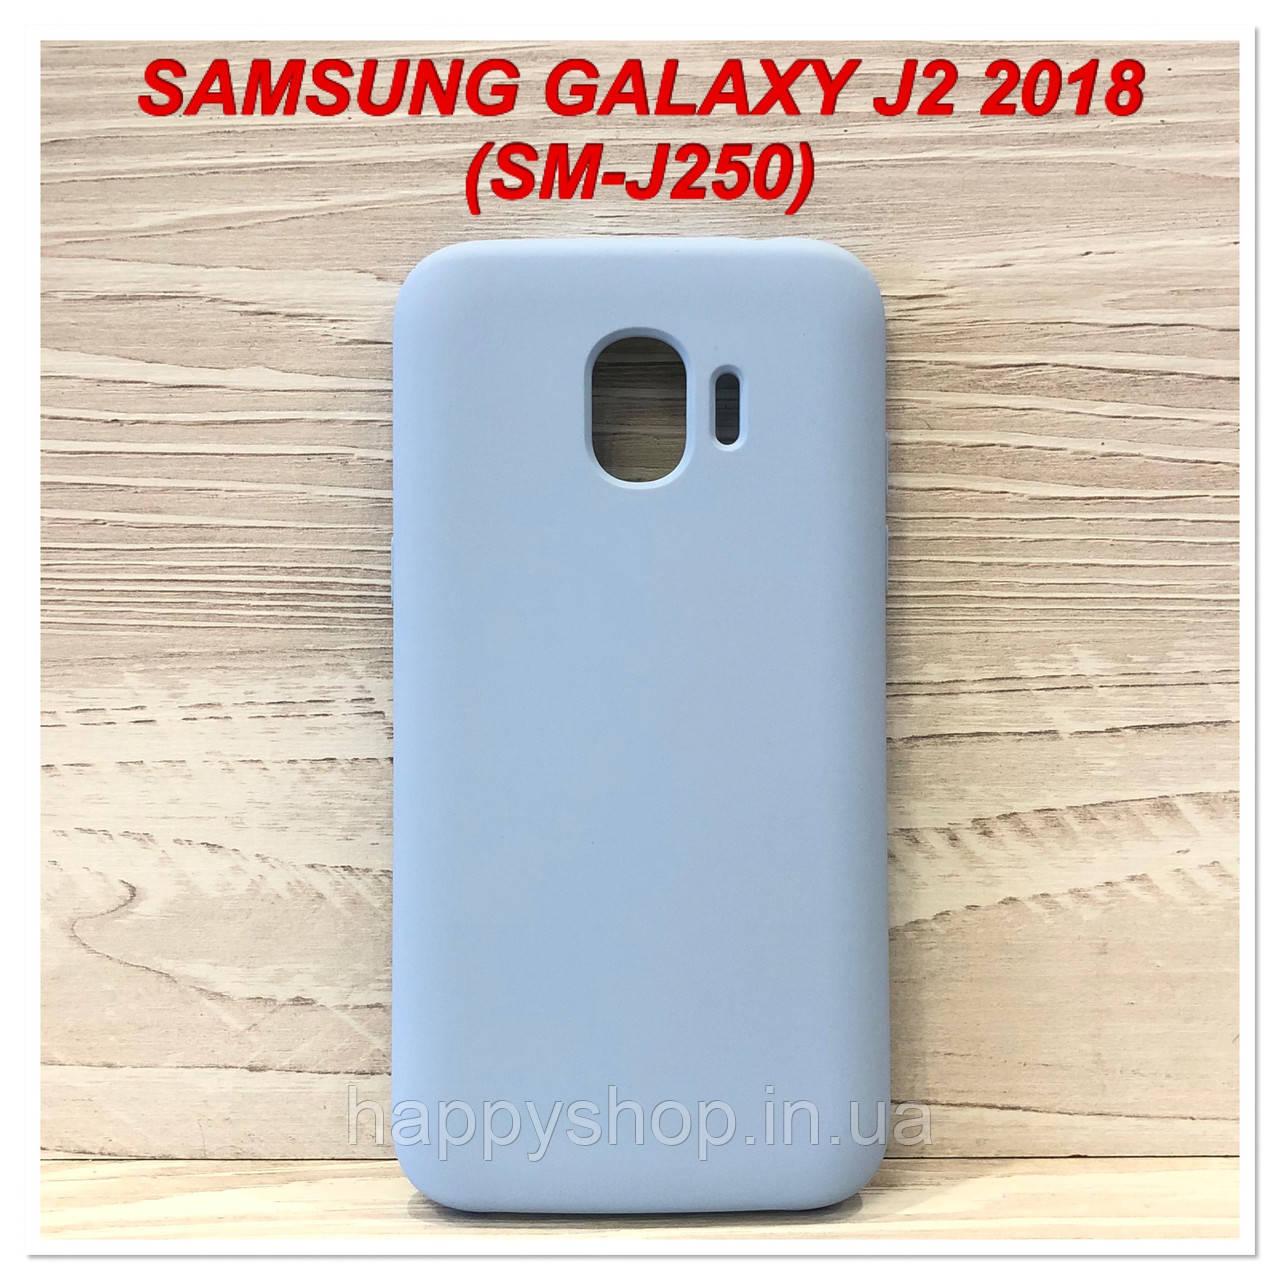 Чохол-накладка Soft touch для Samsung Galaxy J2 2018 (SM-J250) Блакитний